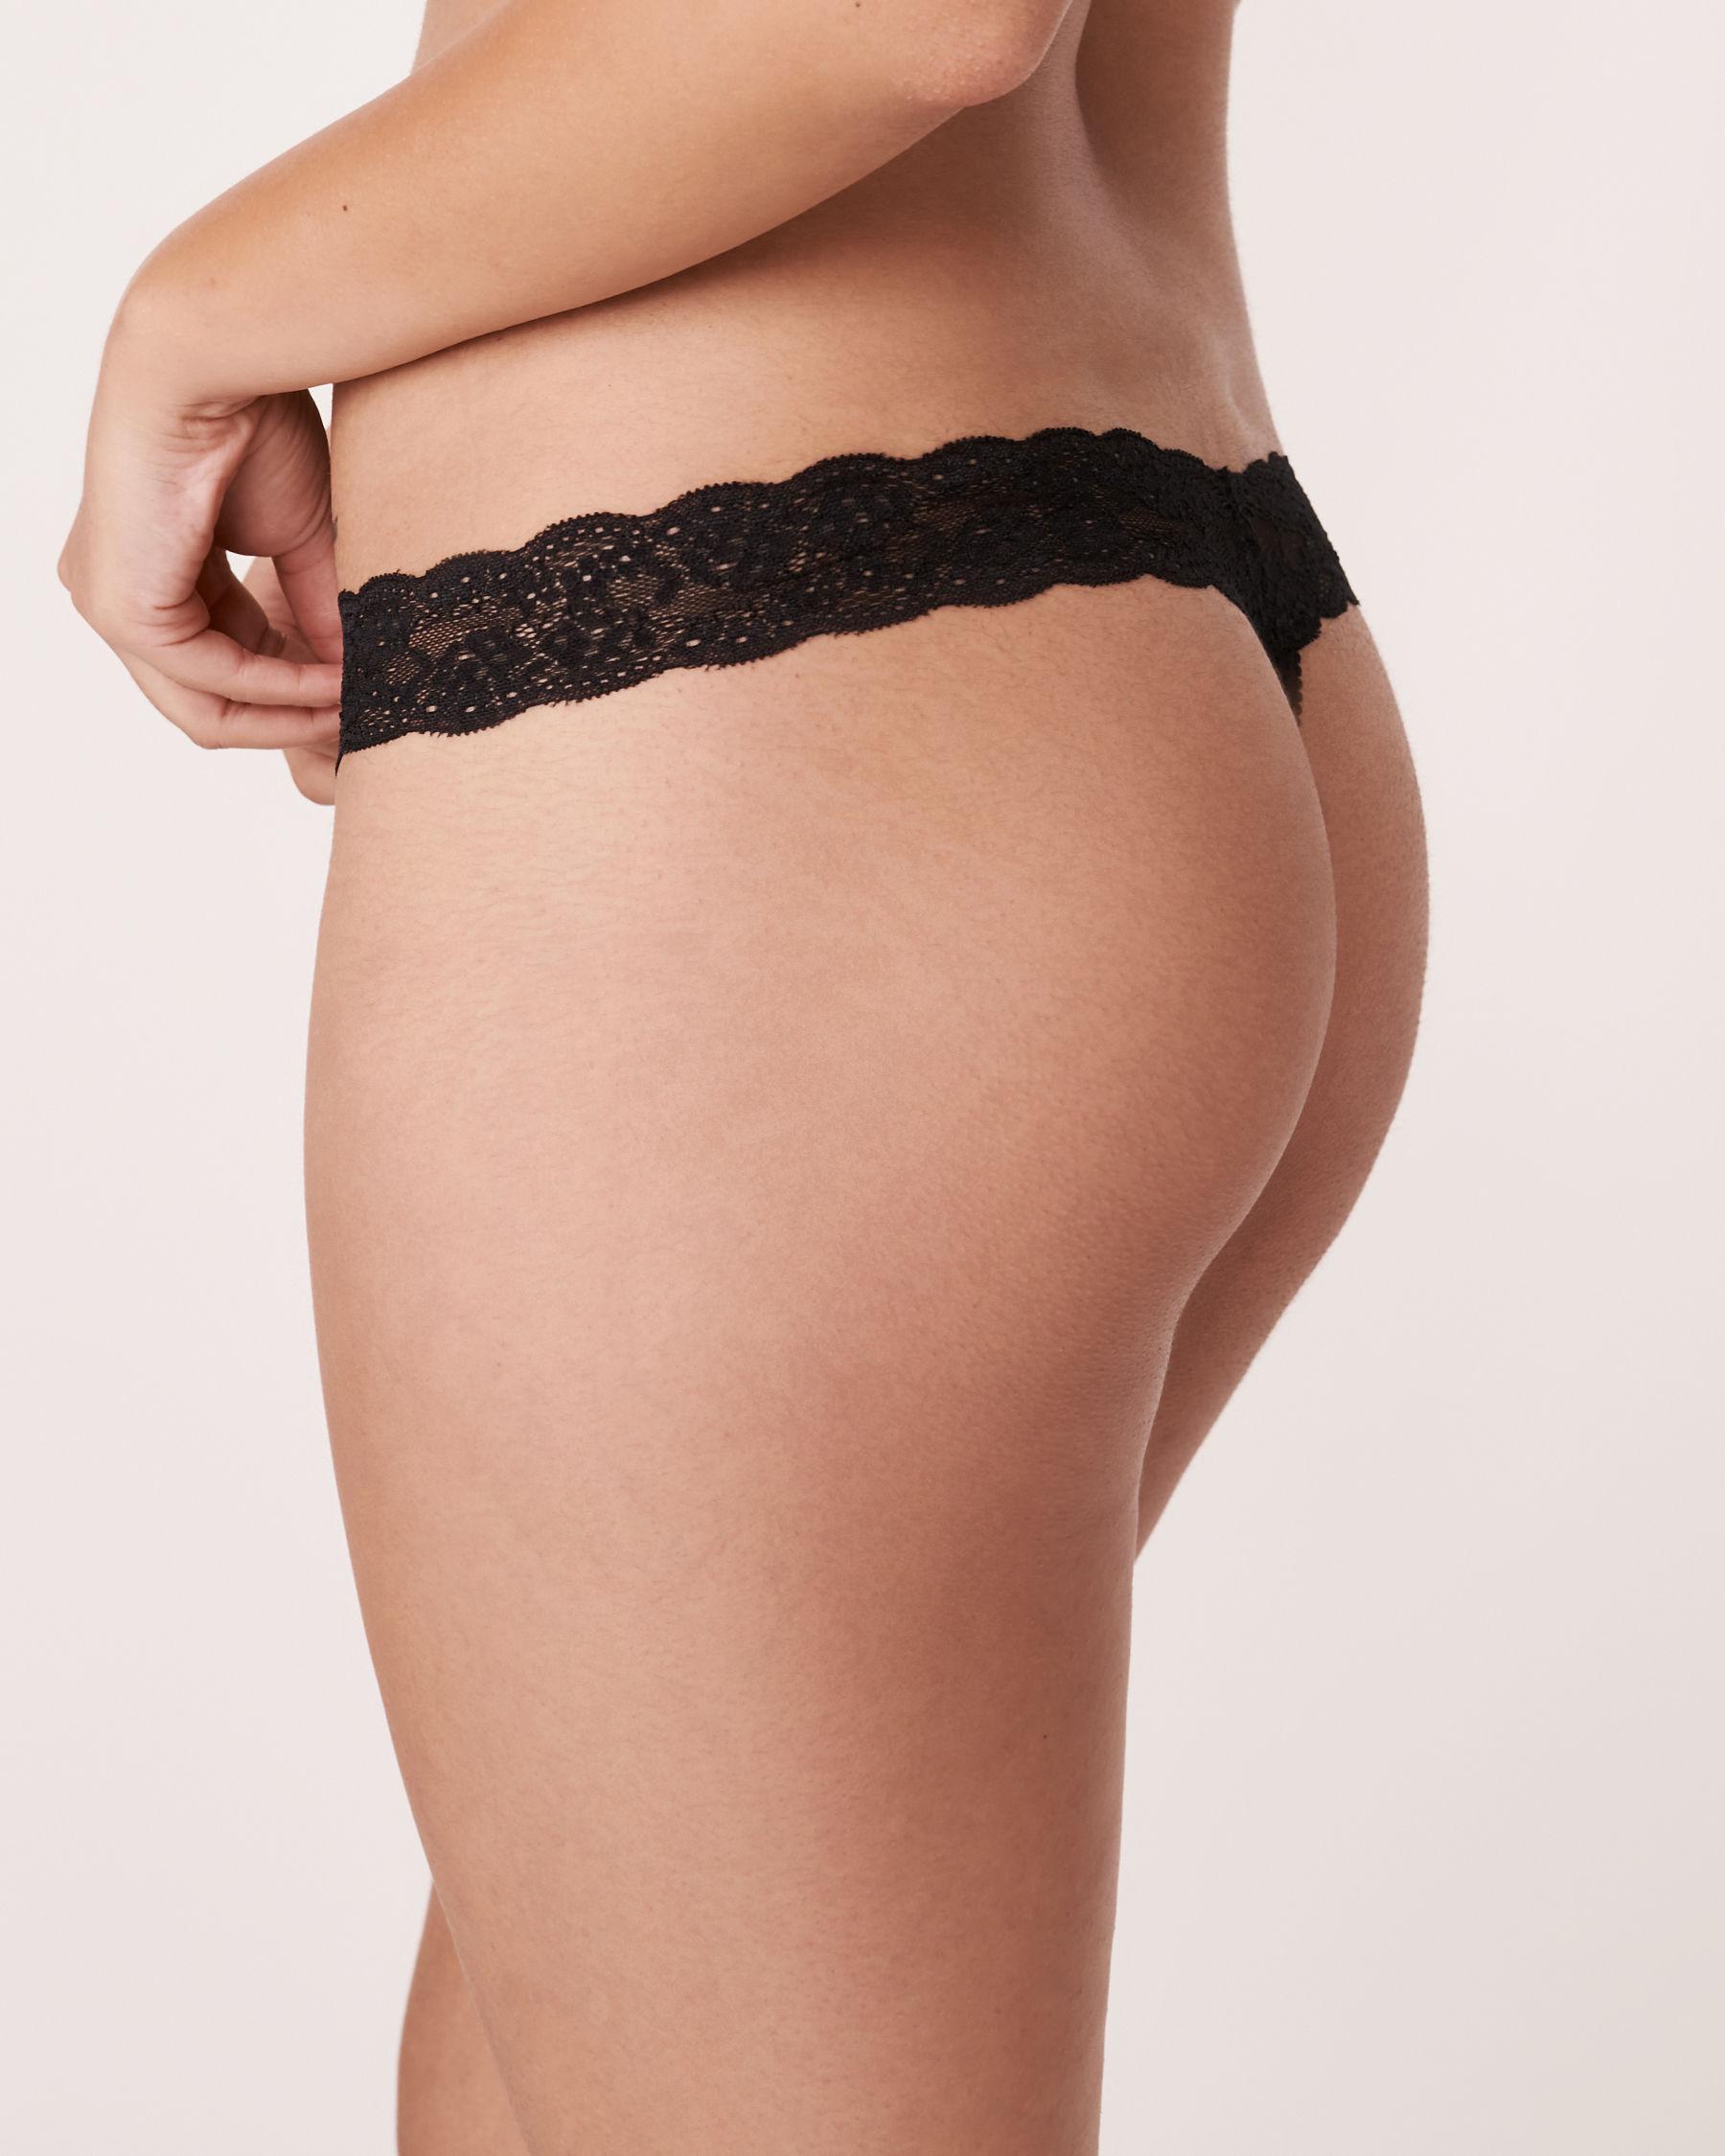 LA VIE EN ROSE Thong Panty Black 892-211-0-00 - View2